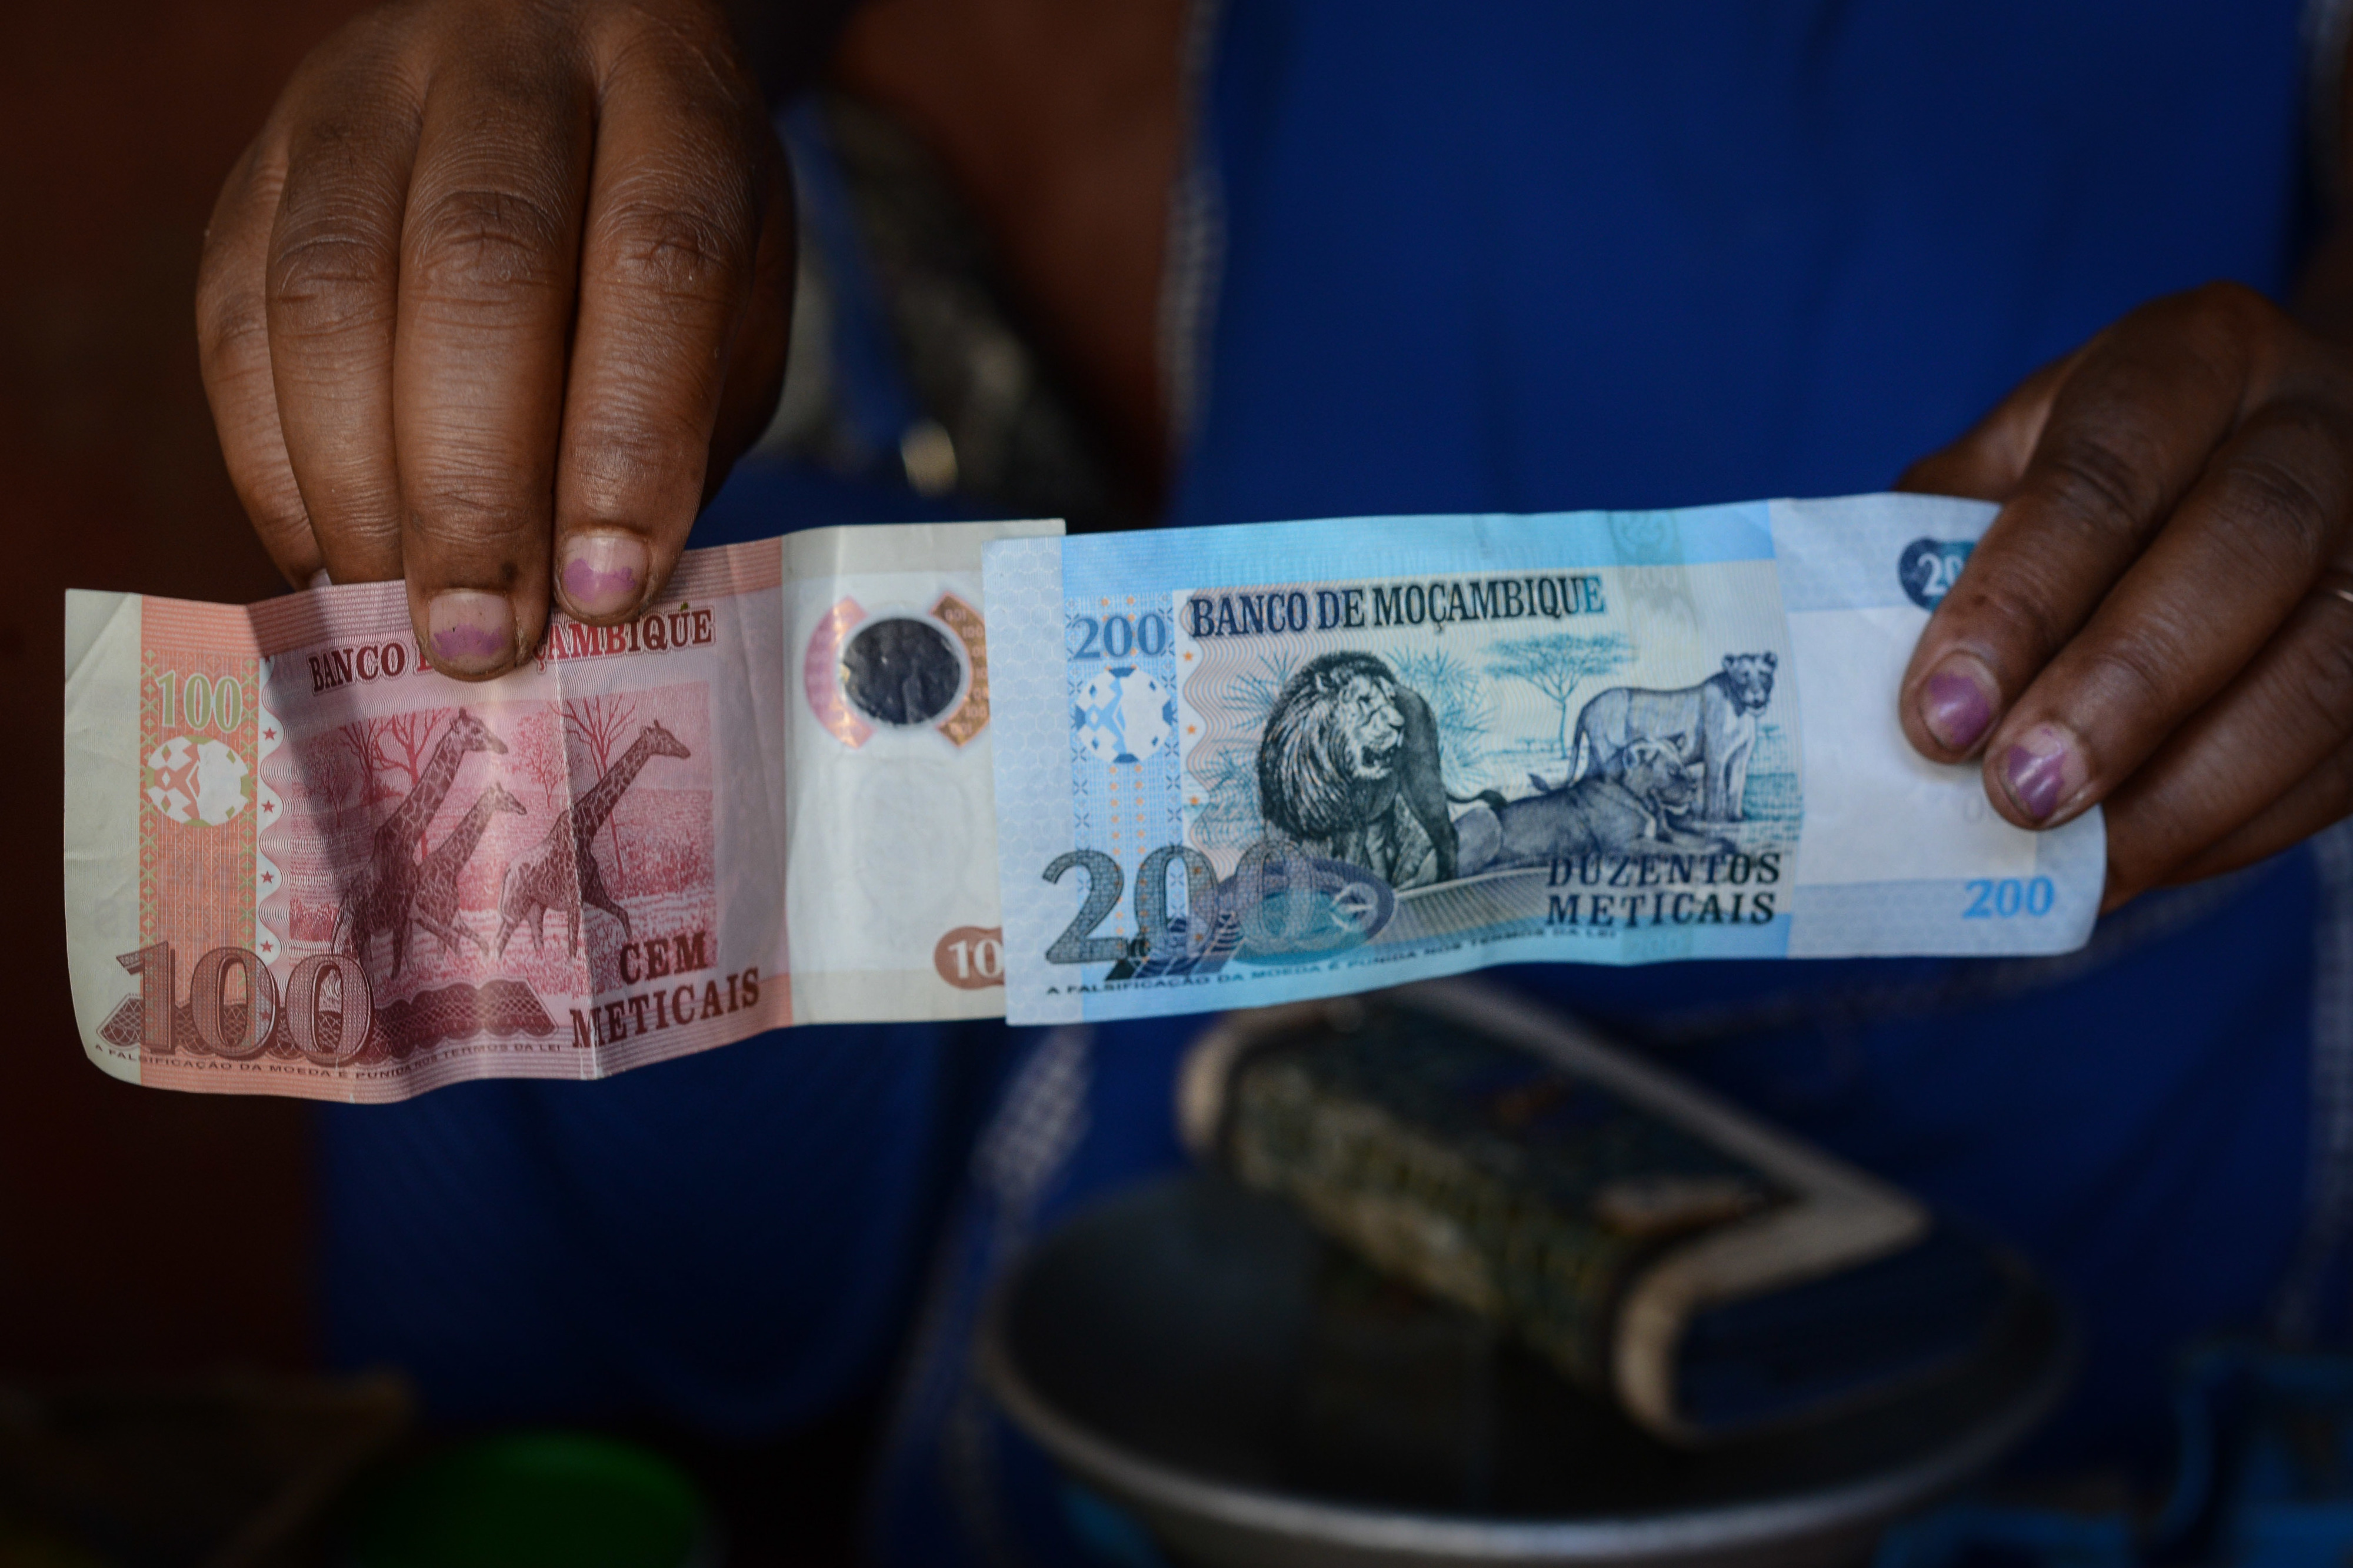 Centro de Integridade Pública de Moçambique acusa PGR de mutismo em relação às dívidas ocultas